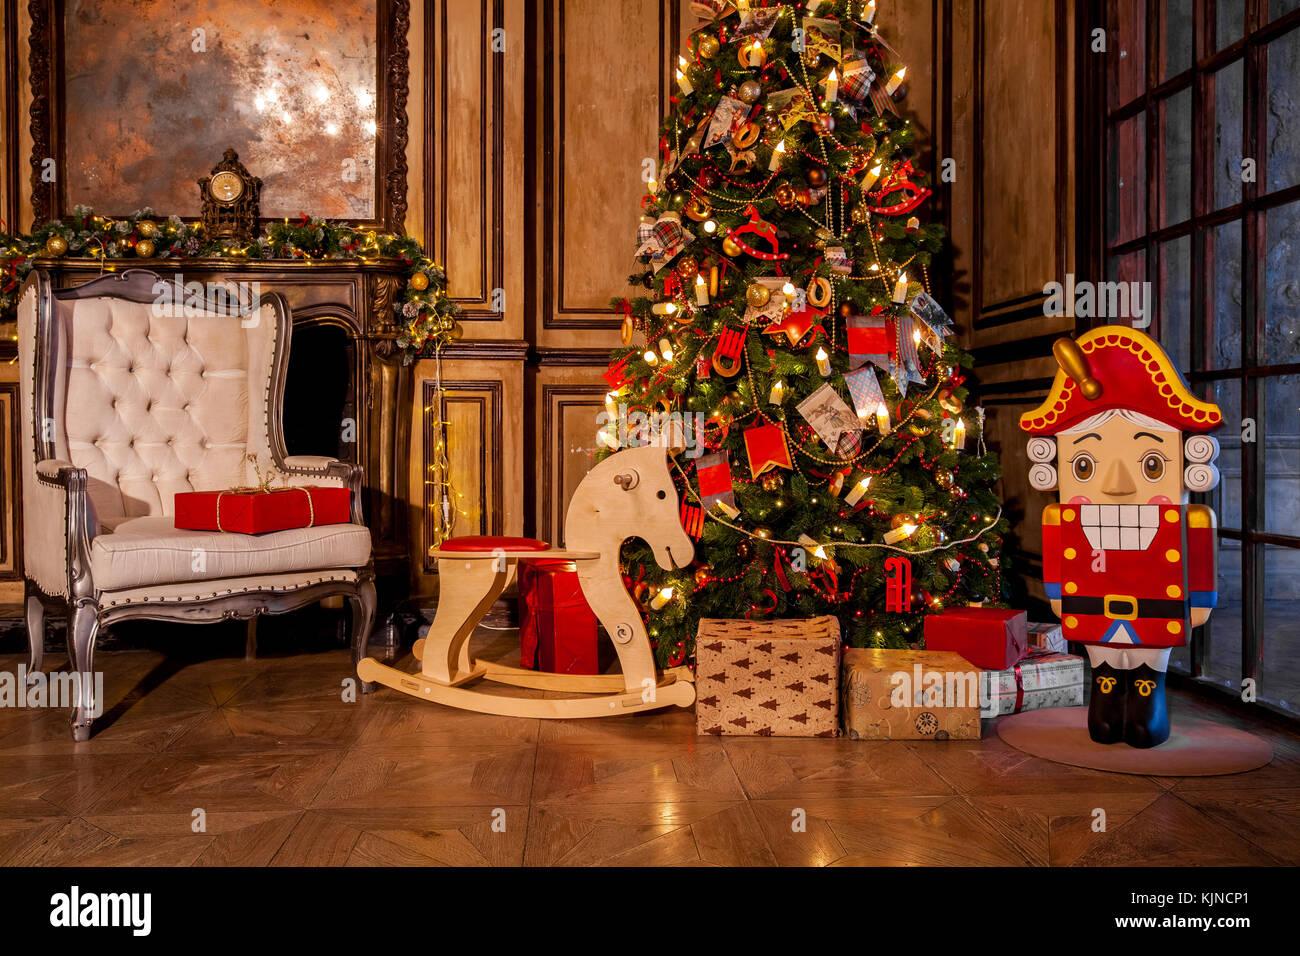 Weihnachten Dekoration In Den Grunge Zimmer Mit Kamin Horse Rocking